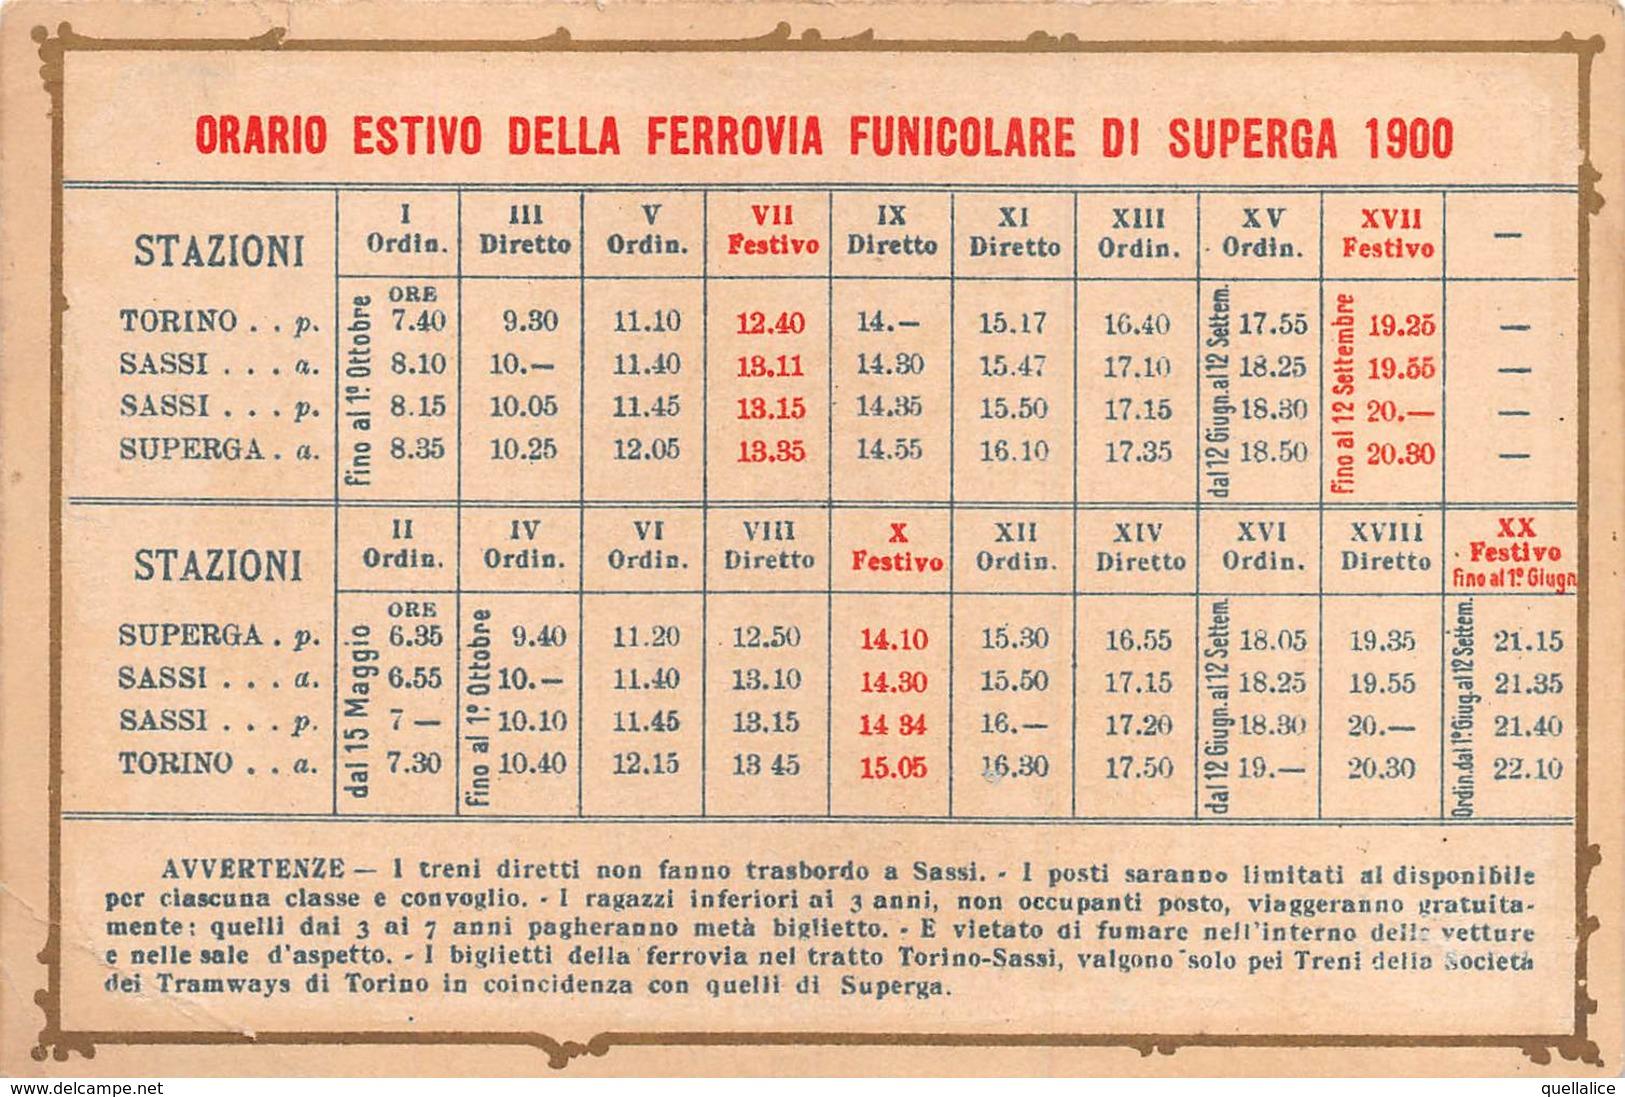 """01461 """"TORINO - ORARIO ESTIVO DELLA FERROVIA FUNICOLARE DI SUPERGA ANNO 1900""""  ORIGINALE - Europe"""